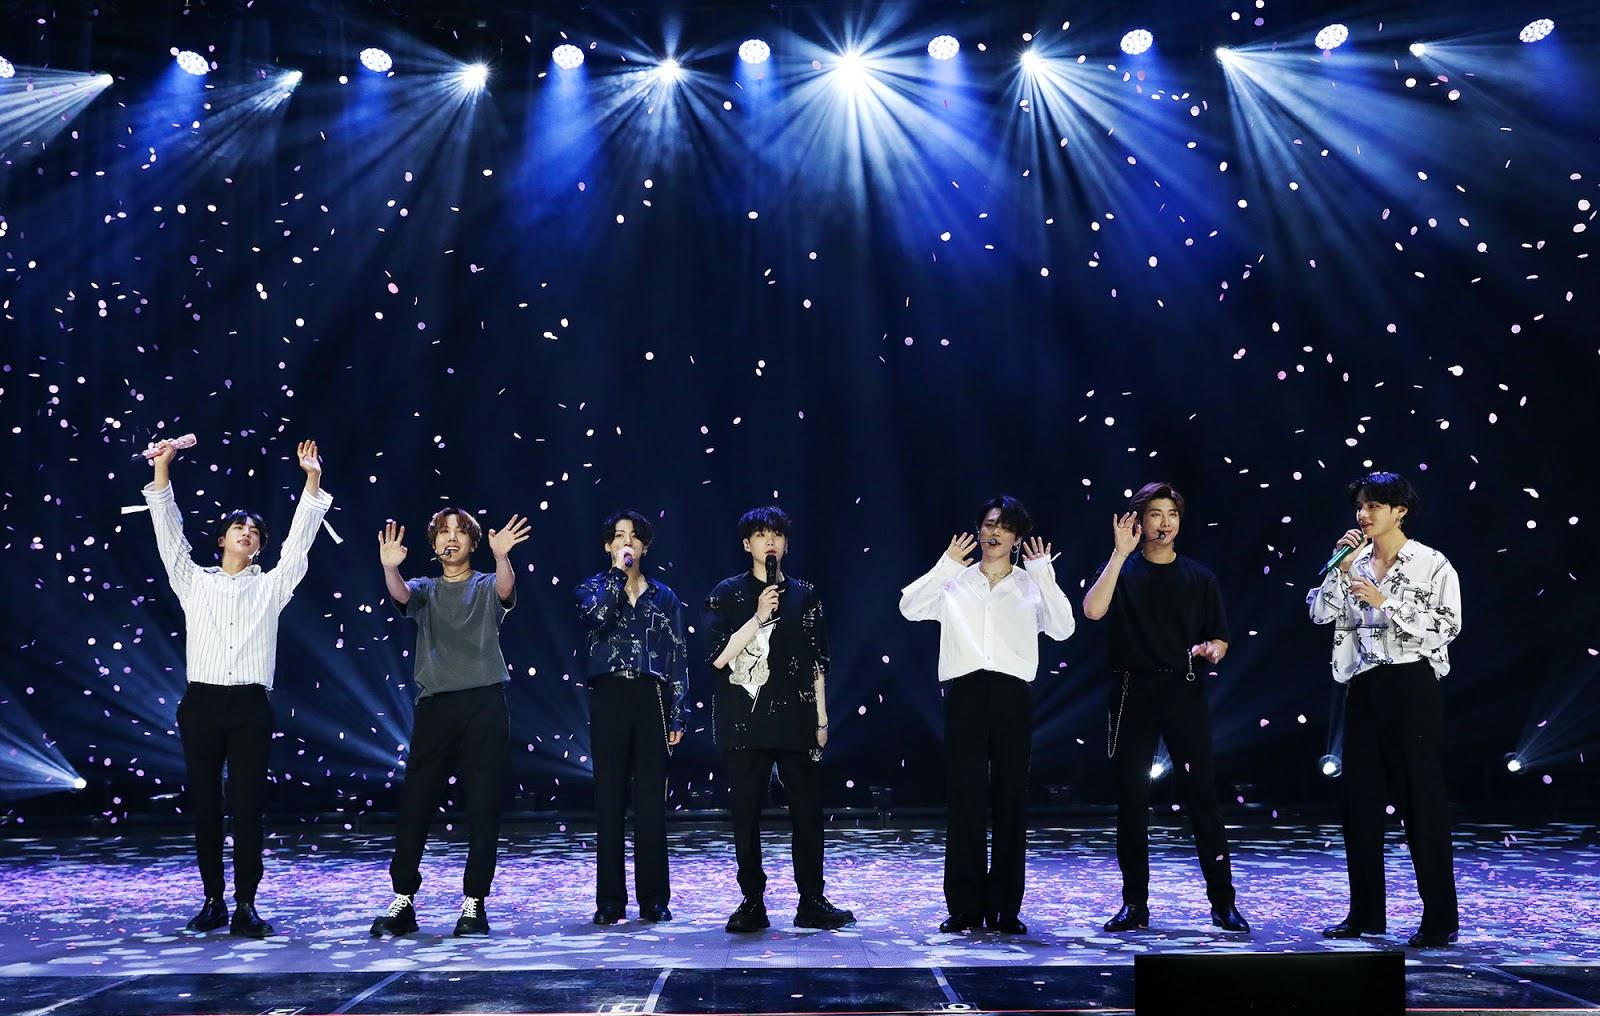 BTS bang bang con end white bow